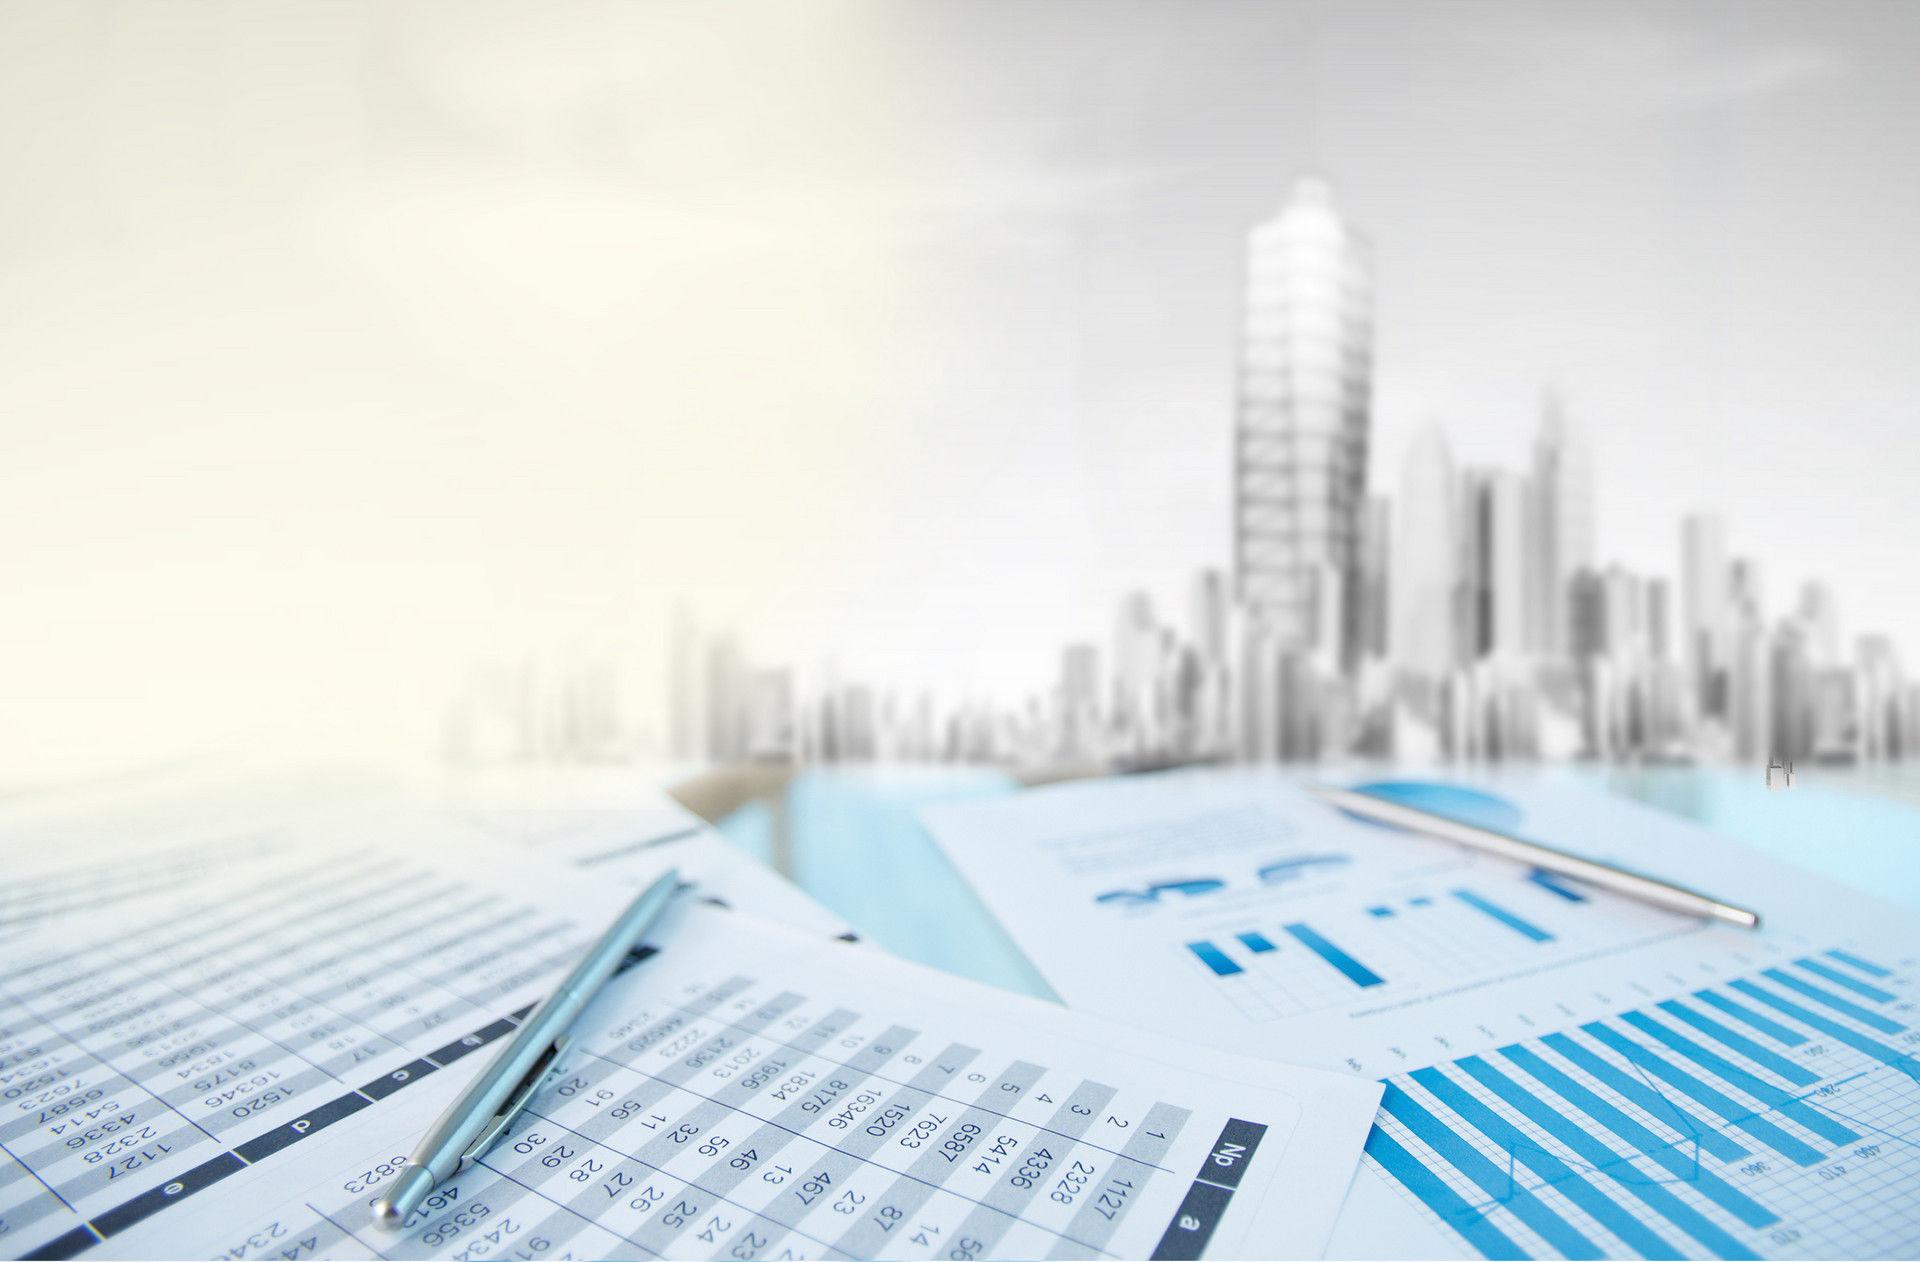 【改革】第三届中国企业改革发展论坛发布三大报告